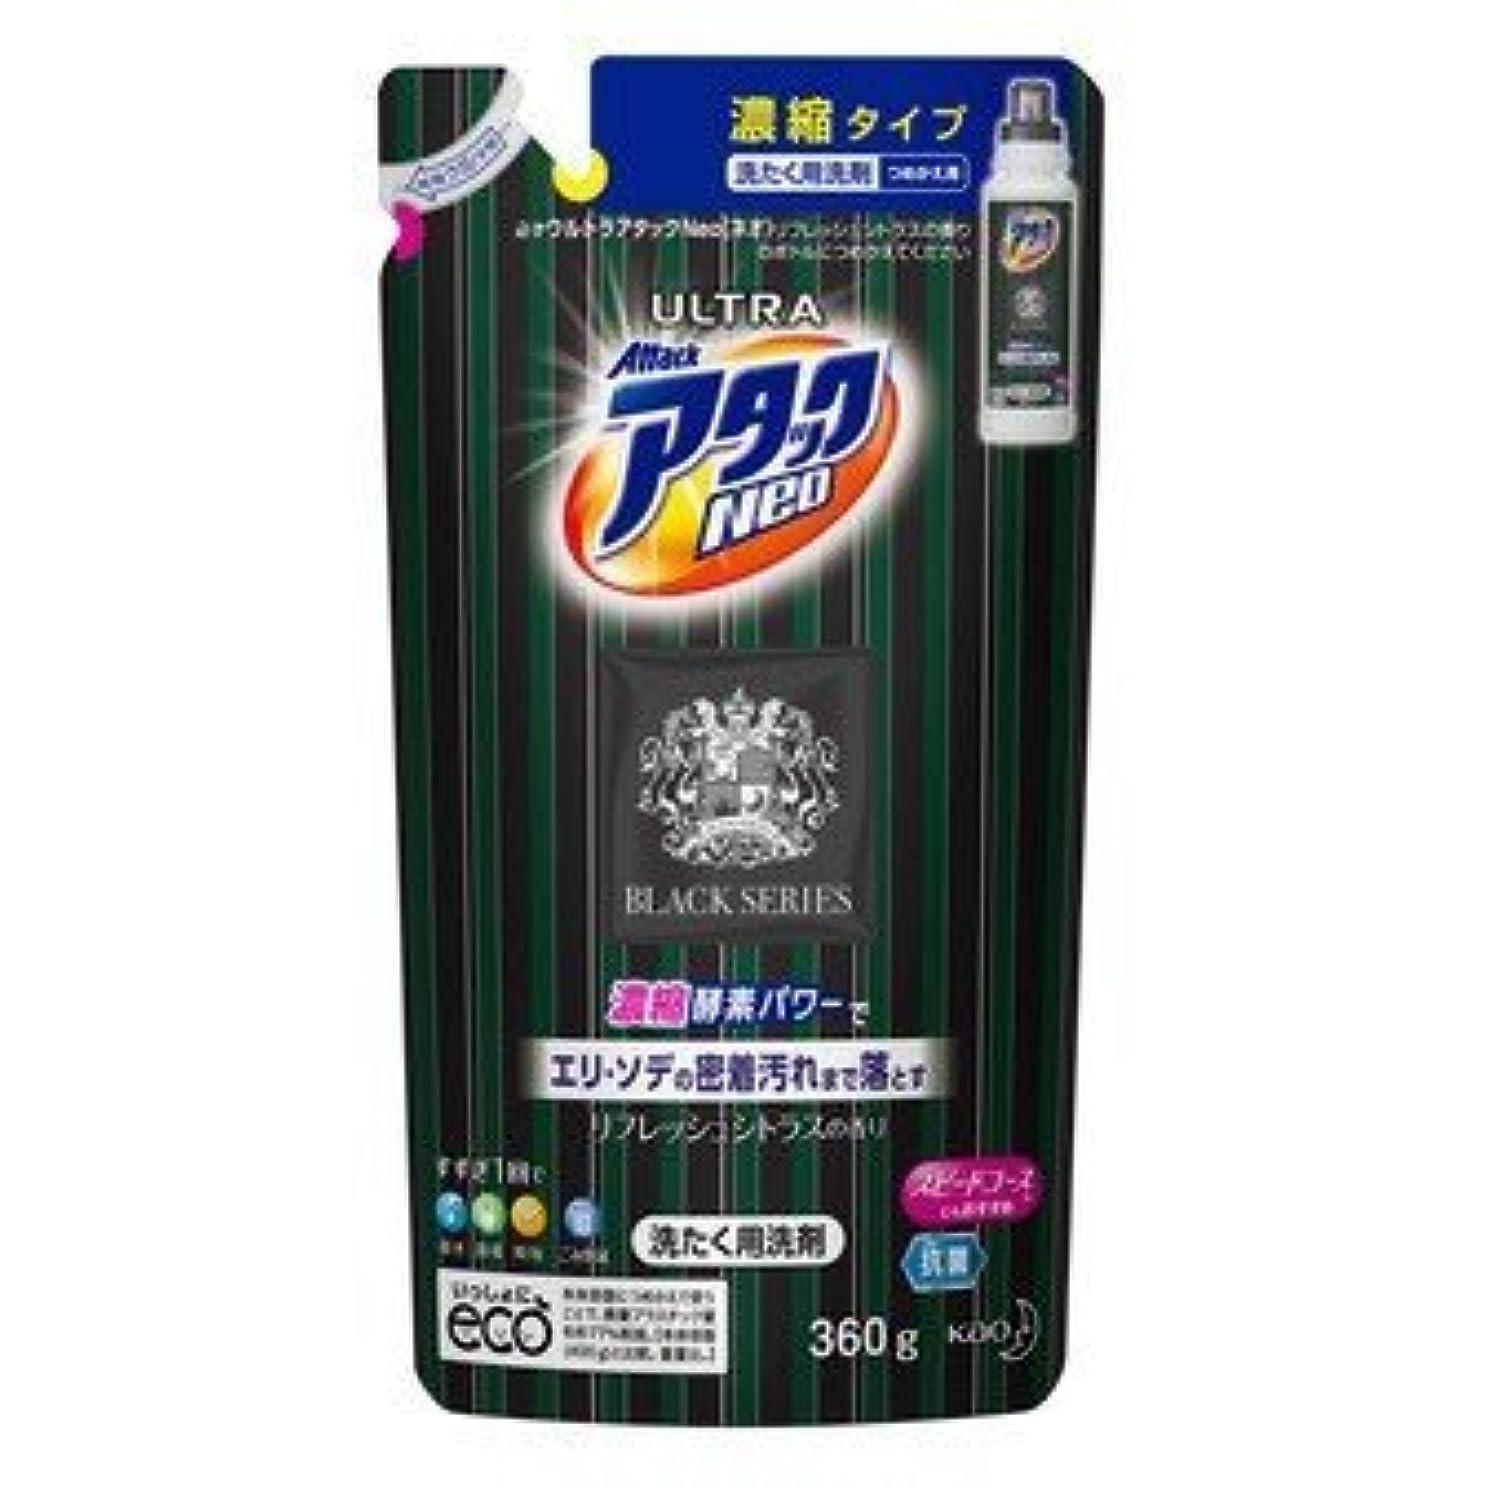 進む信念吸収剤【数量限定】ウルトラアタックNeo リフレッシュシトラスの香り ブラックシリーズ 通常サイズ つめかえ用 360g